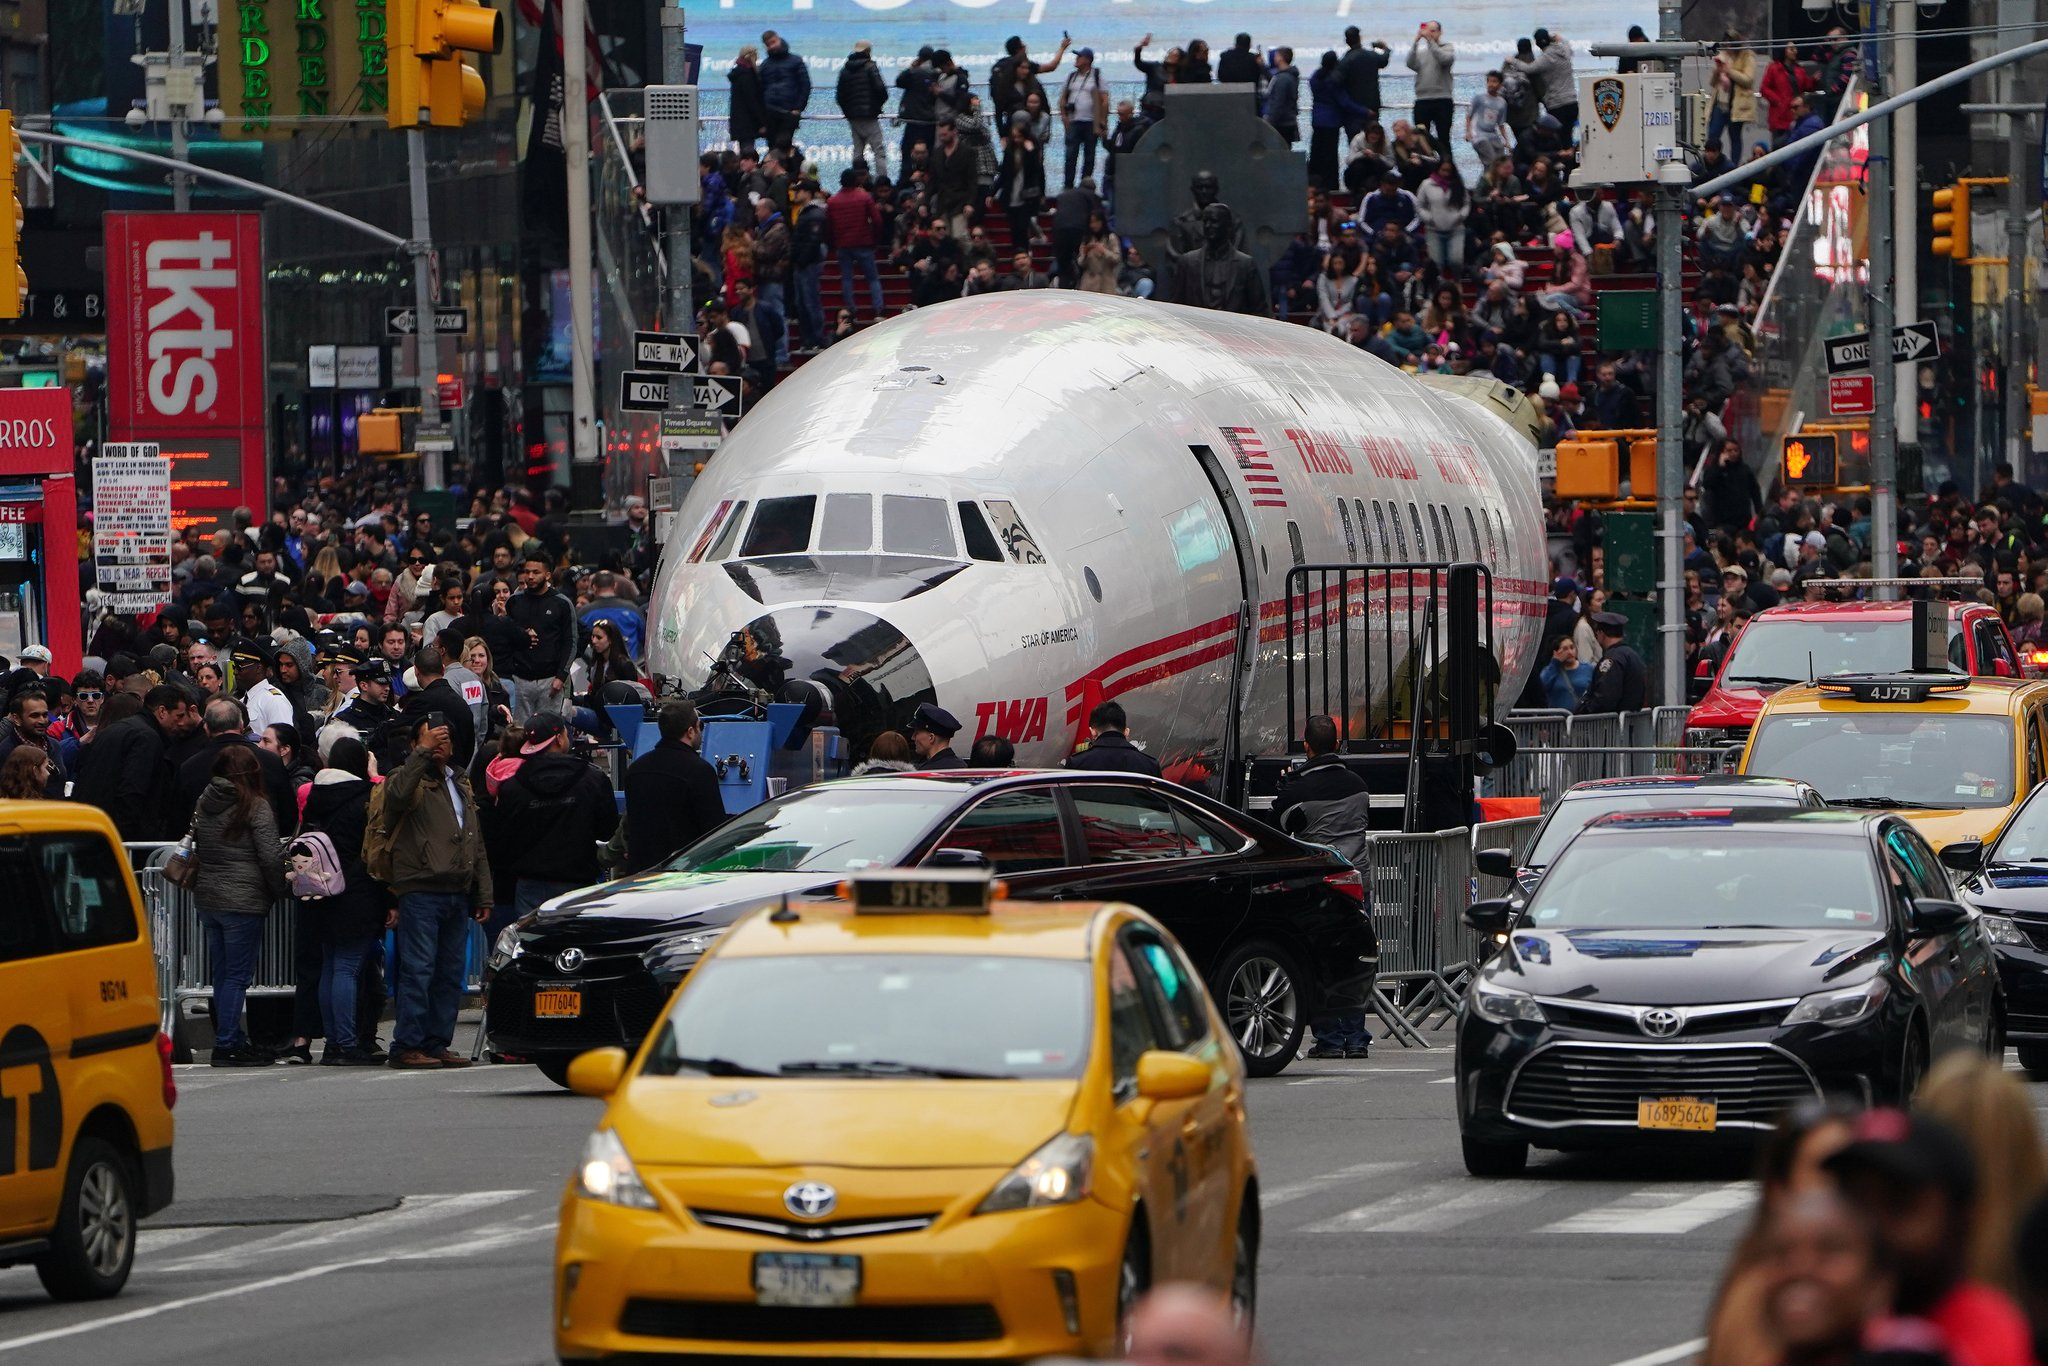 1960년대 미국 TWA 항공사의 주력 여객기의 동체가 지난 24일(현지시간) 뉴욕 한복판인 타임스퀘어에 전시돼 있다. [로이터=연합뉴스]